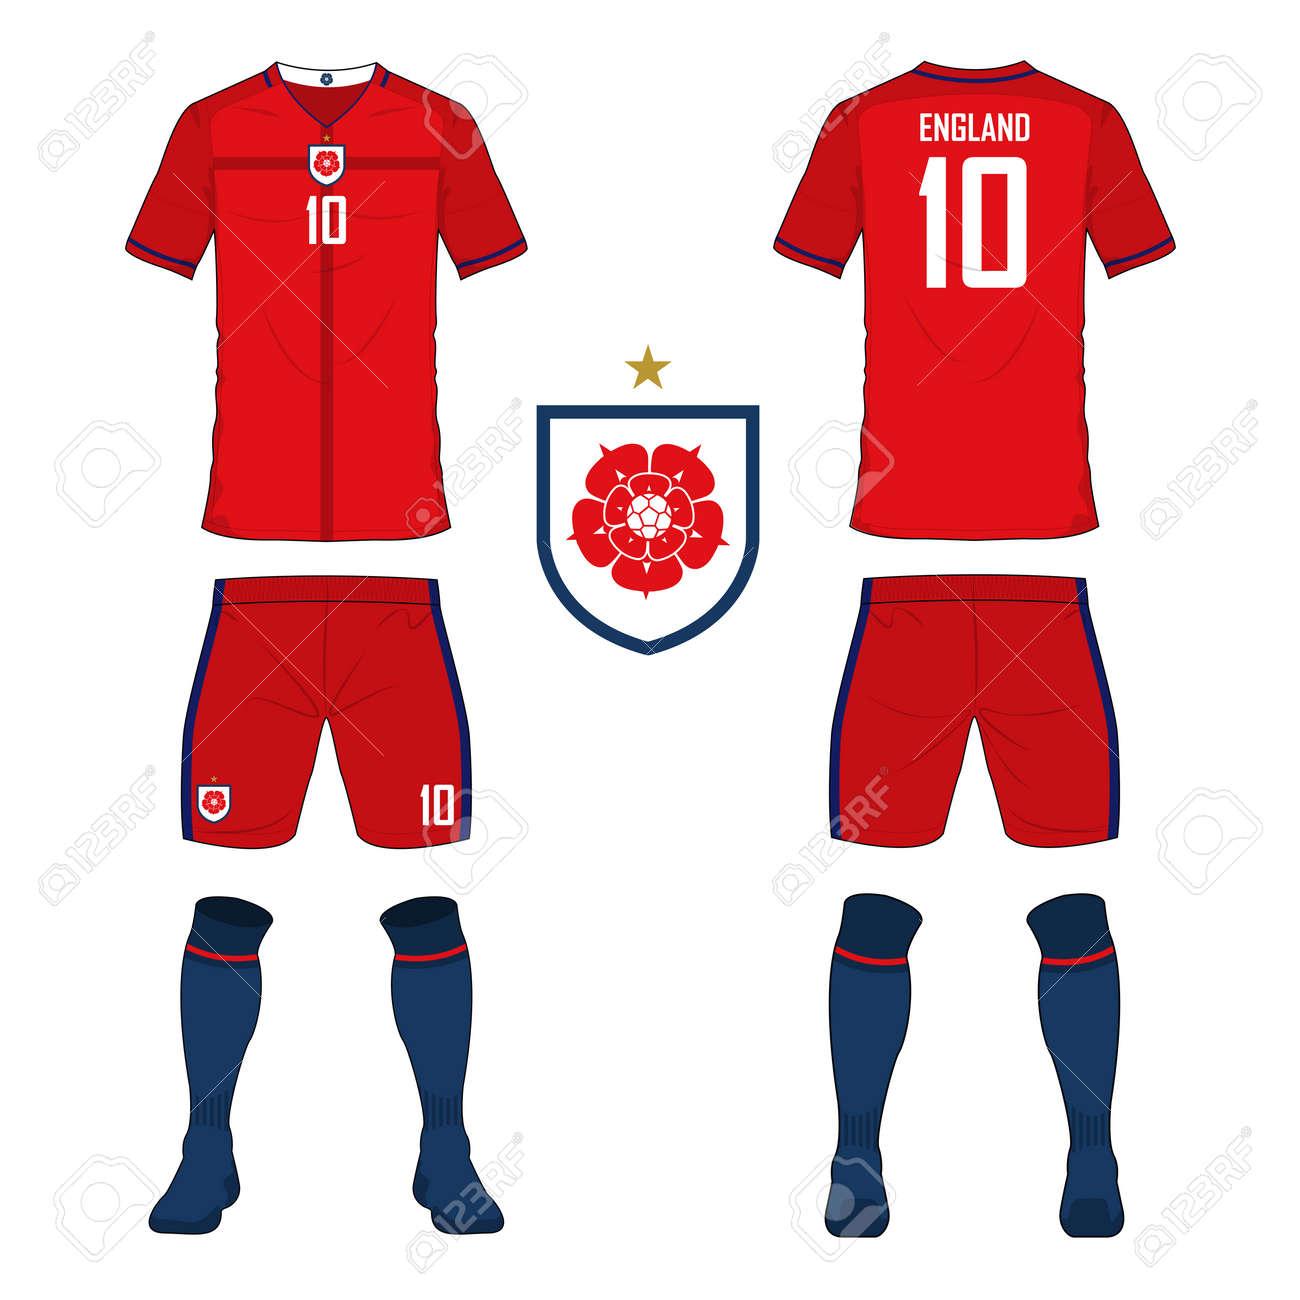 e6503e11307ab Conjunto De Camiseta De Fútbol O Una Plantilla Kit De Fútbol De Inglaterra  Equipo Nacional De Fútbol. Parte Delantera Y Trasera Vista Uniforme De  Fútbol.